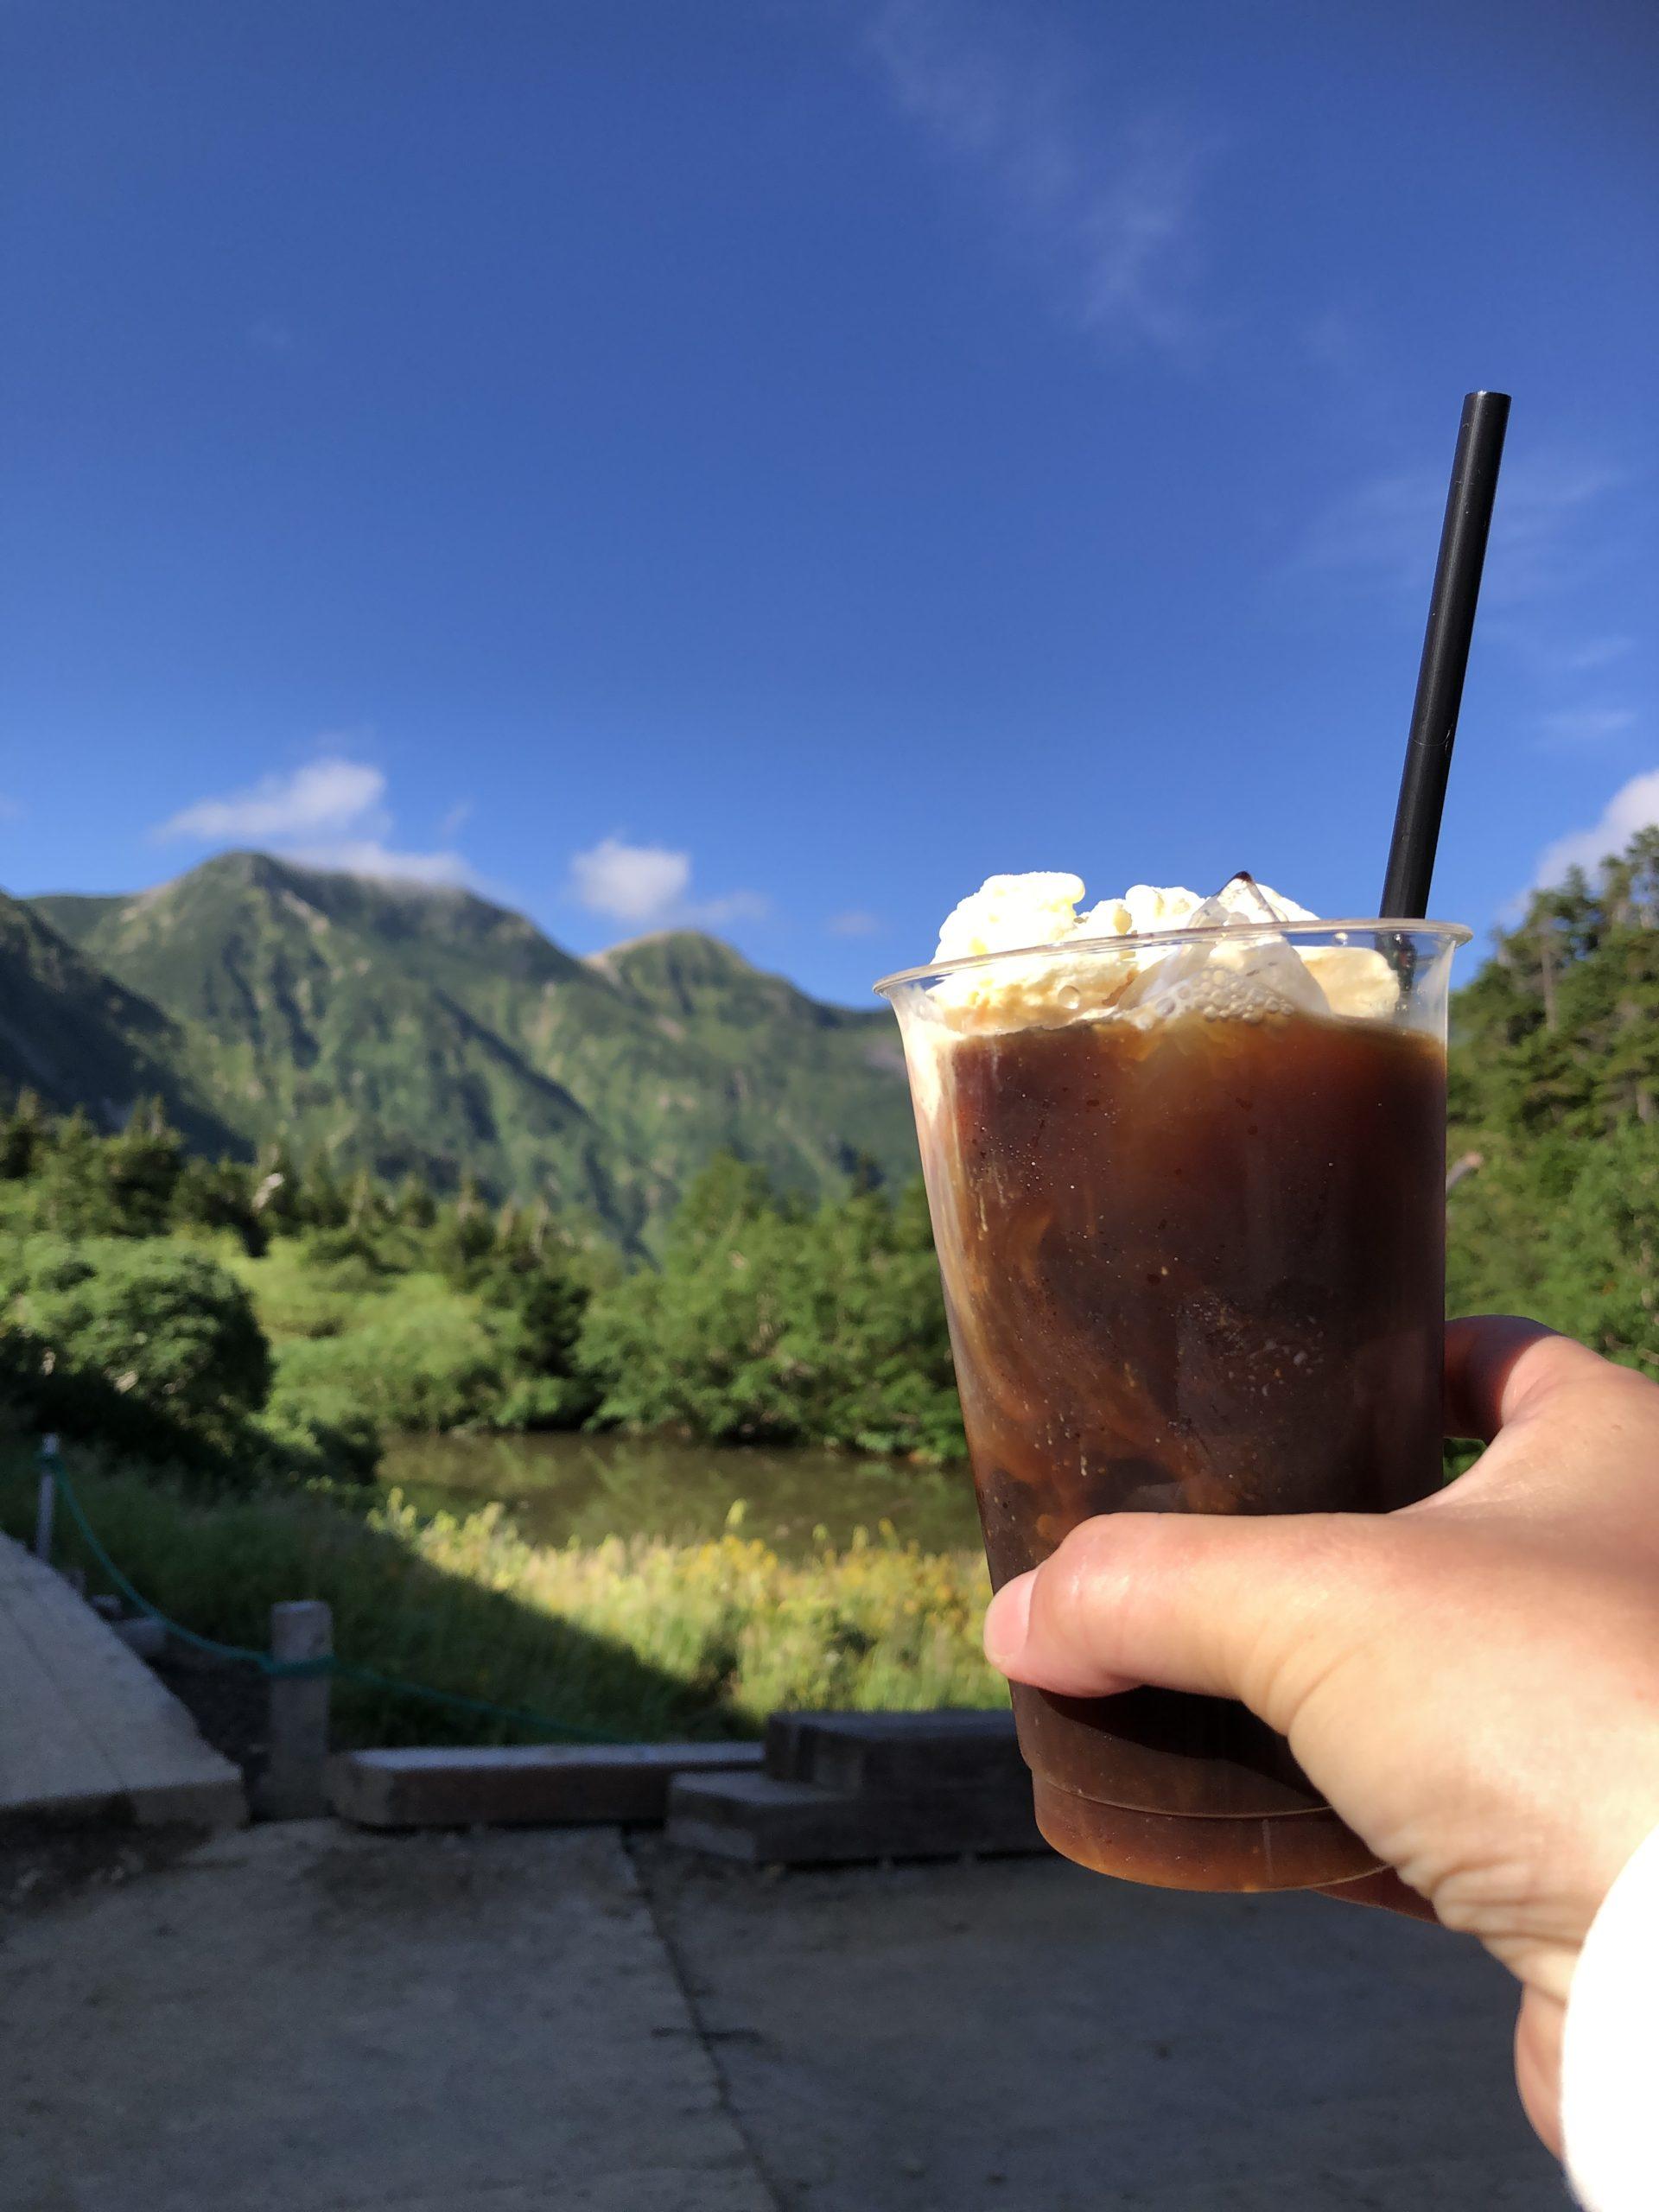 鏡池山荘 コーヒーフロート